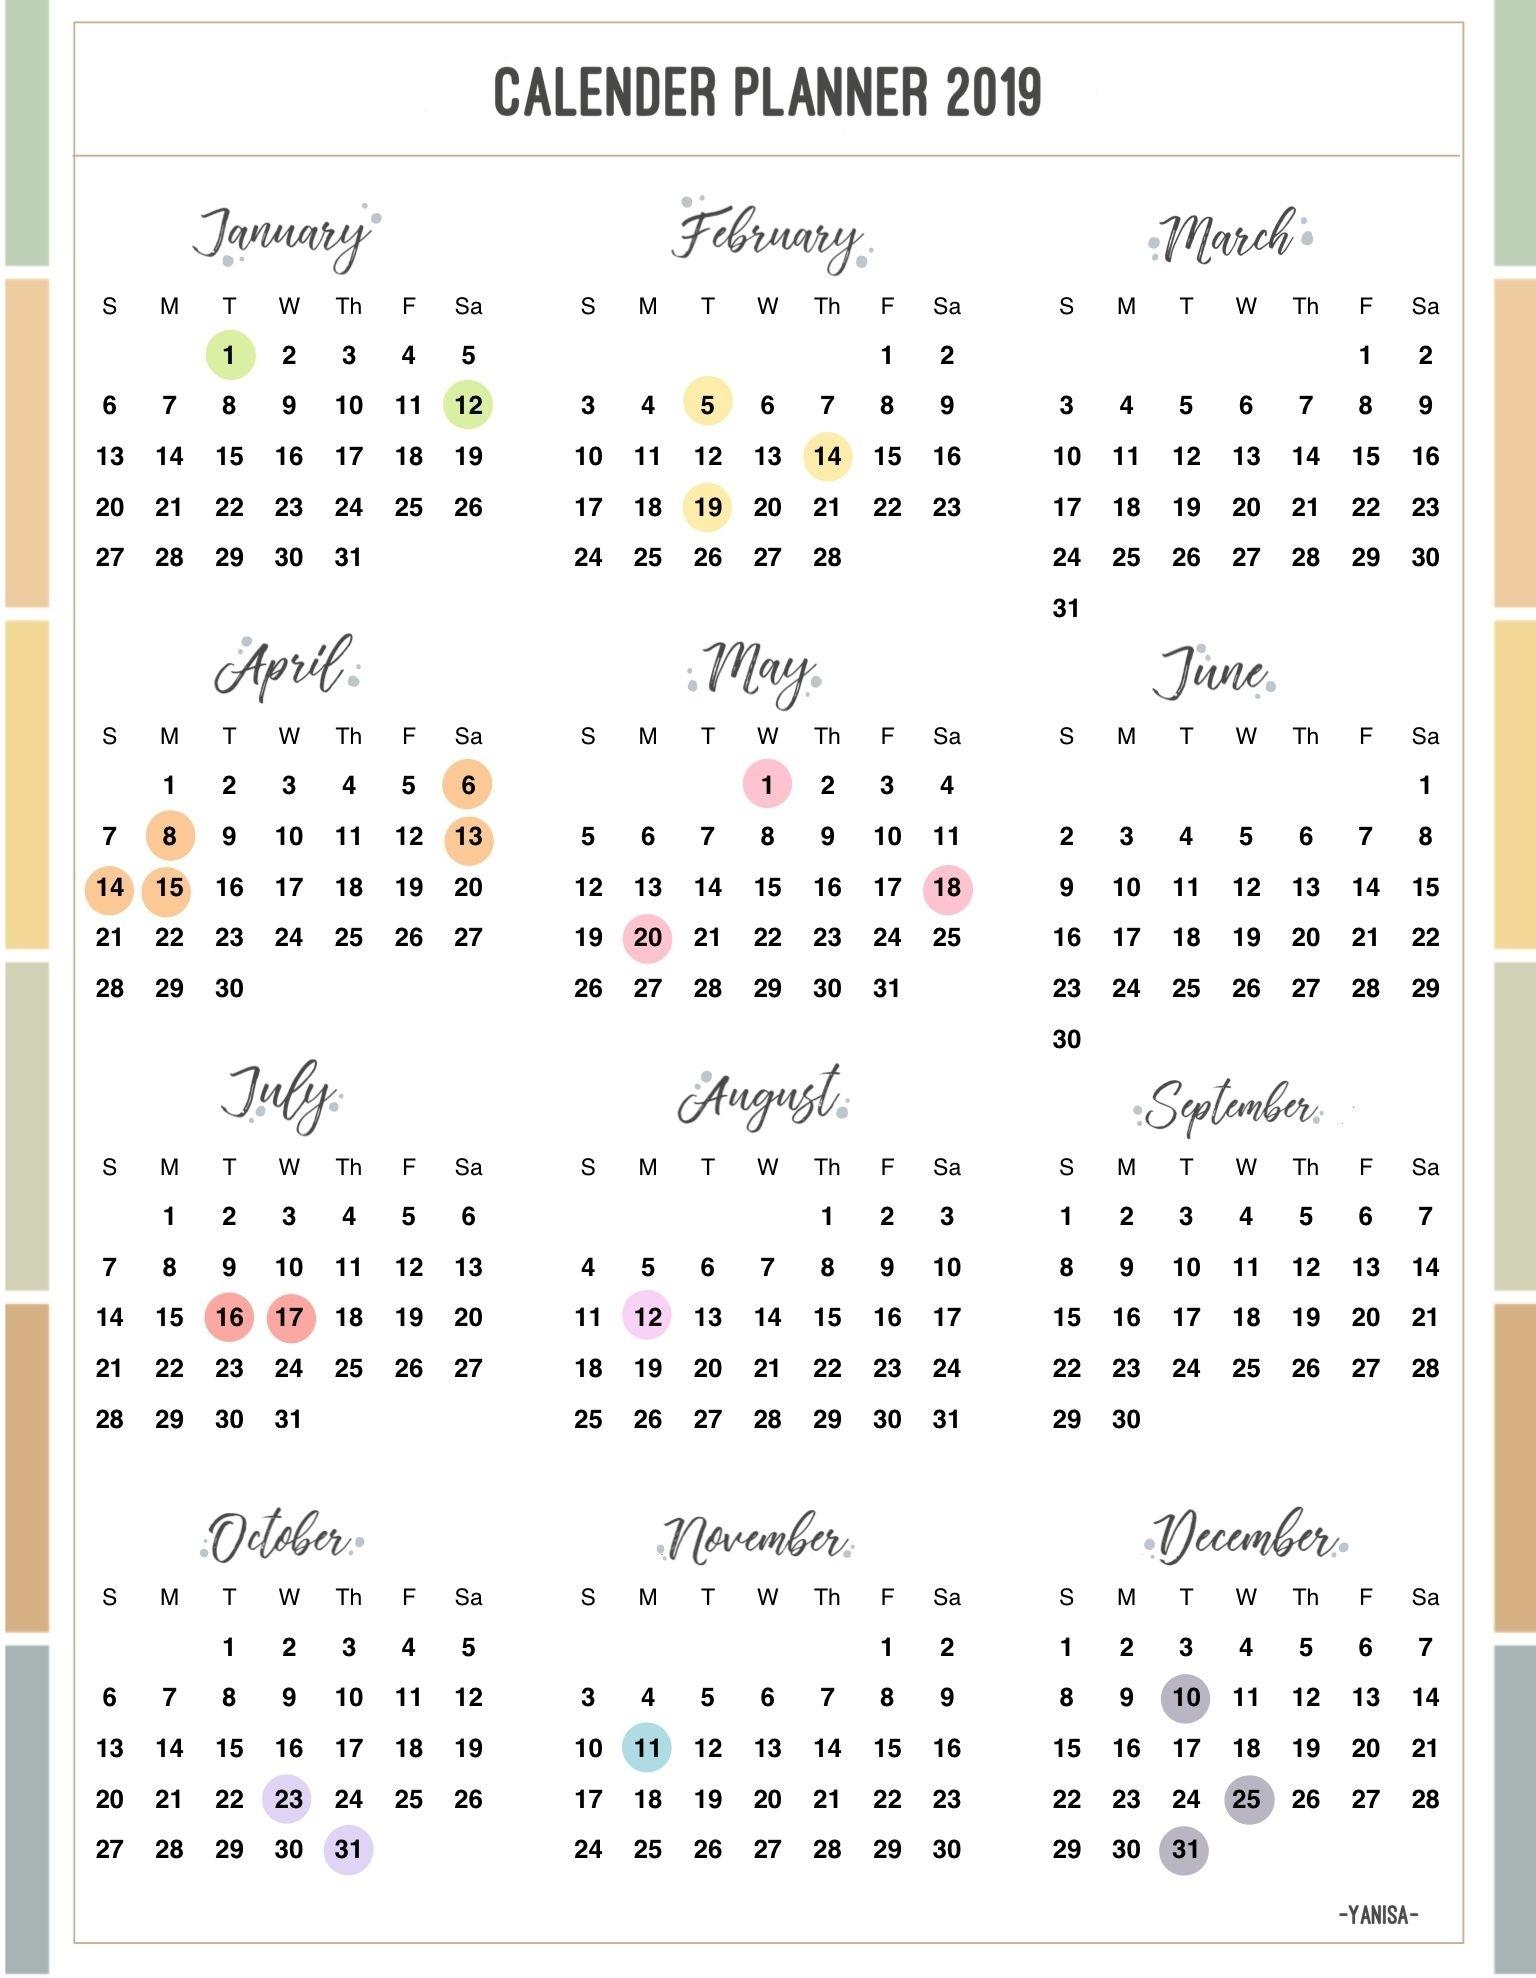 Calendario Juliano 2020 Pdf | Calendar Printable Free